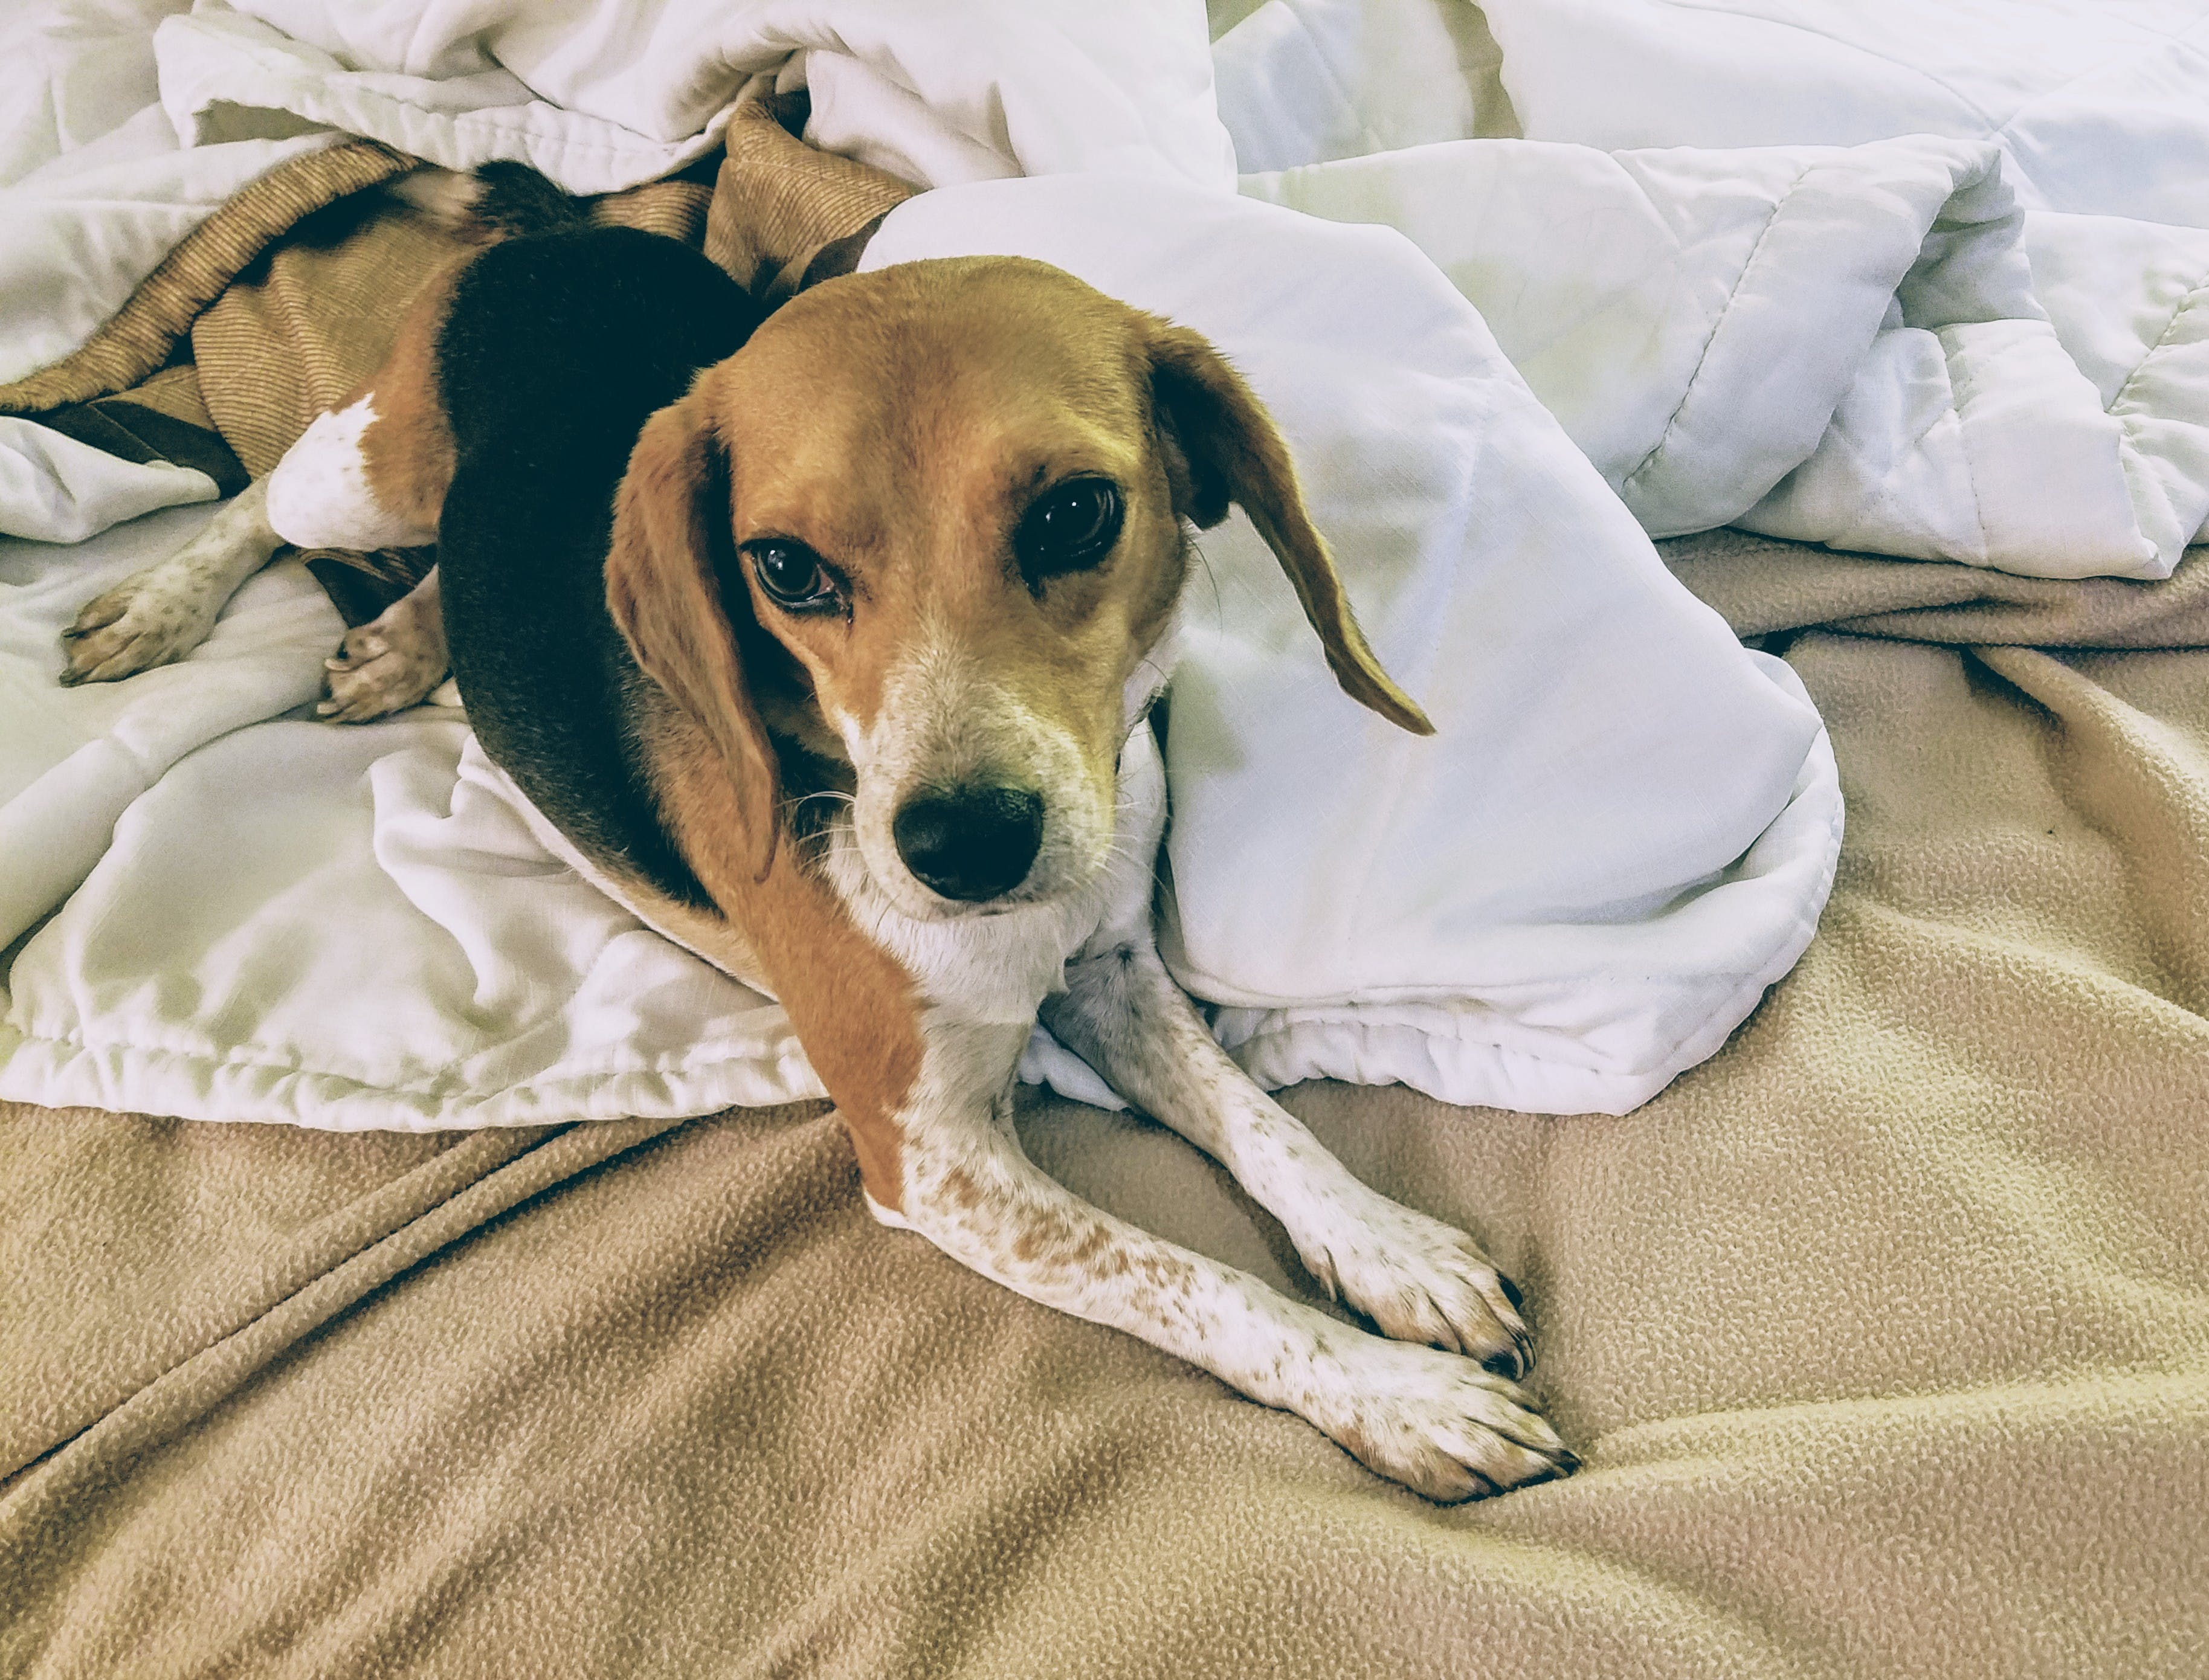 Δωρεάν στοκ φωτογραφιών με beagle, κατοικίδια, σκύλος, χαριτωμένα ζώα